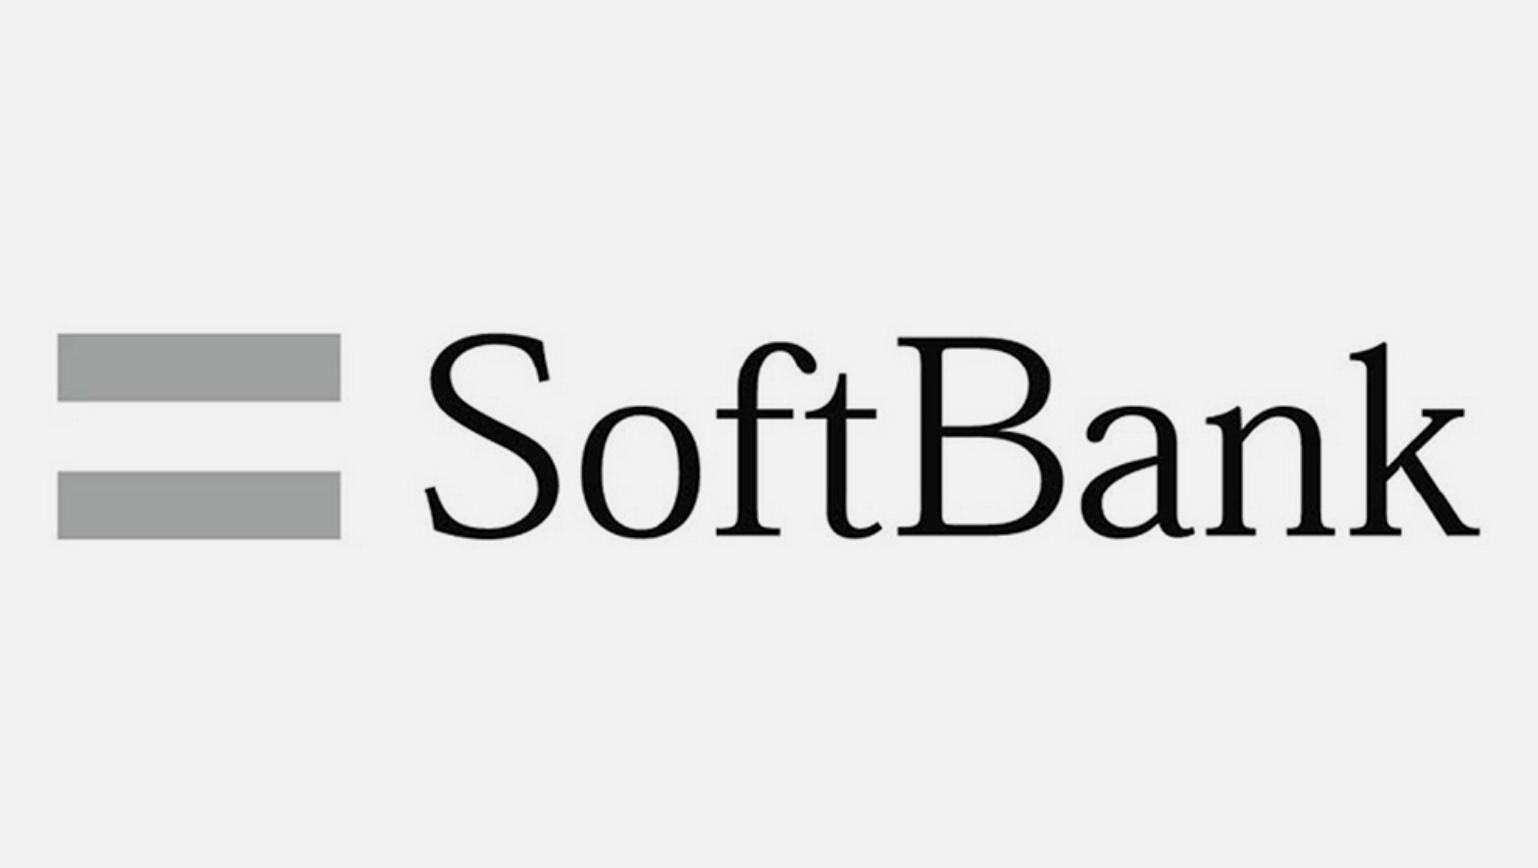 ソフトバンクのポケットWiFiのロゴ